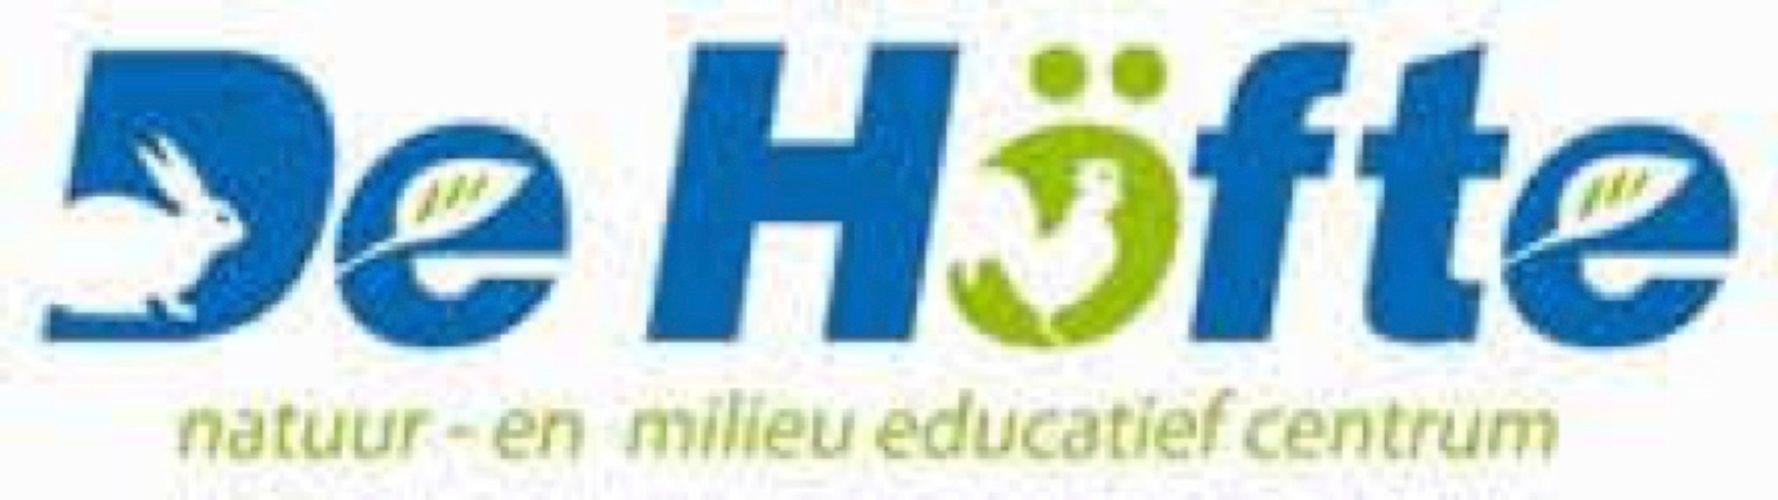 Natuur Milieu Educatief Centrum De Höfte